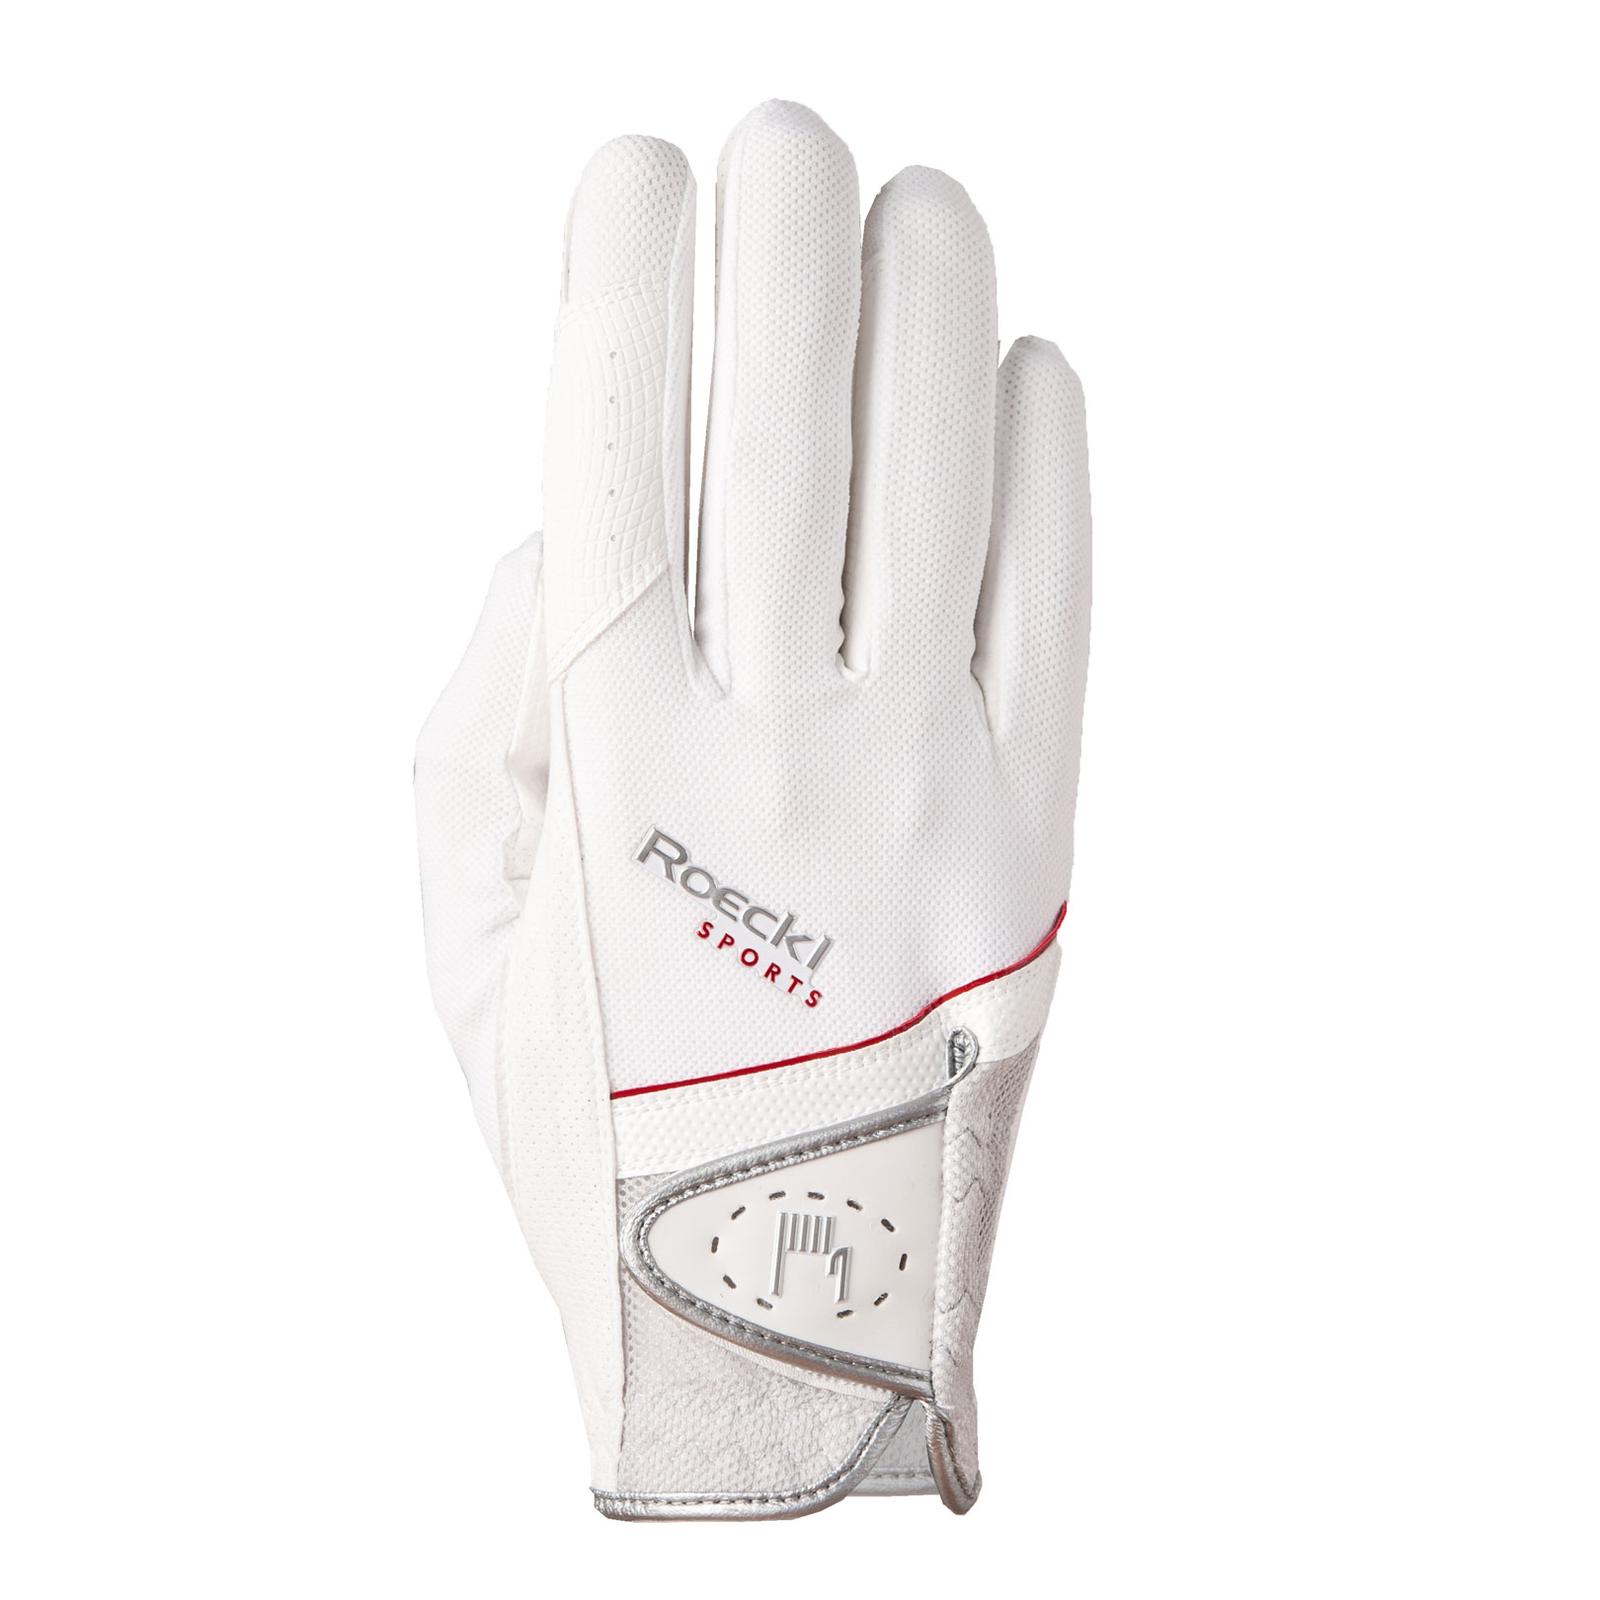 Rockel handsker